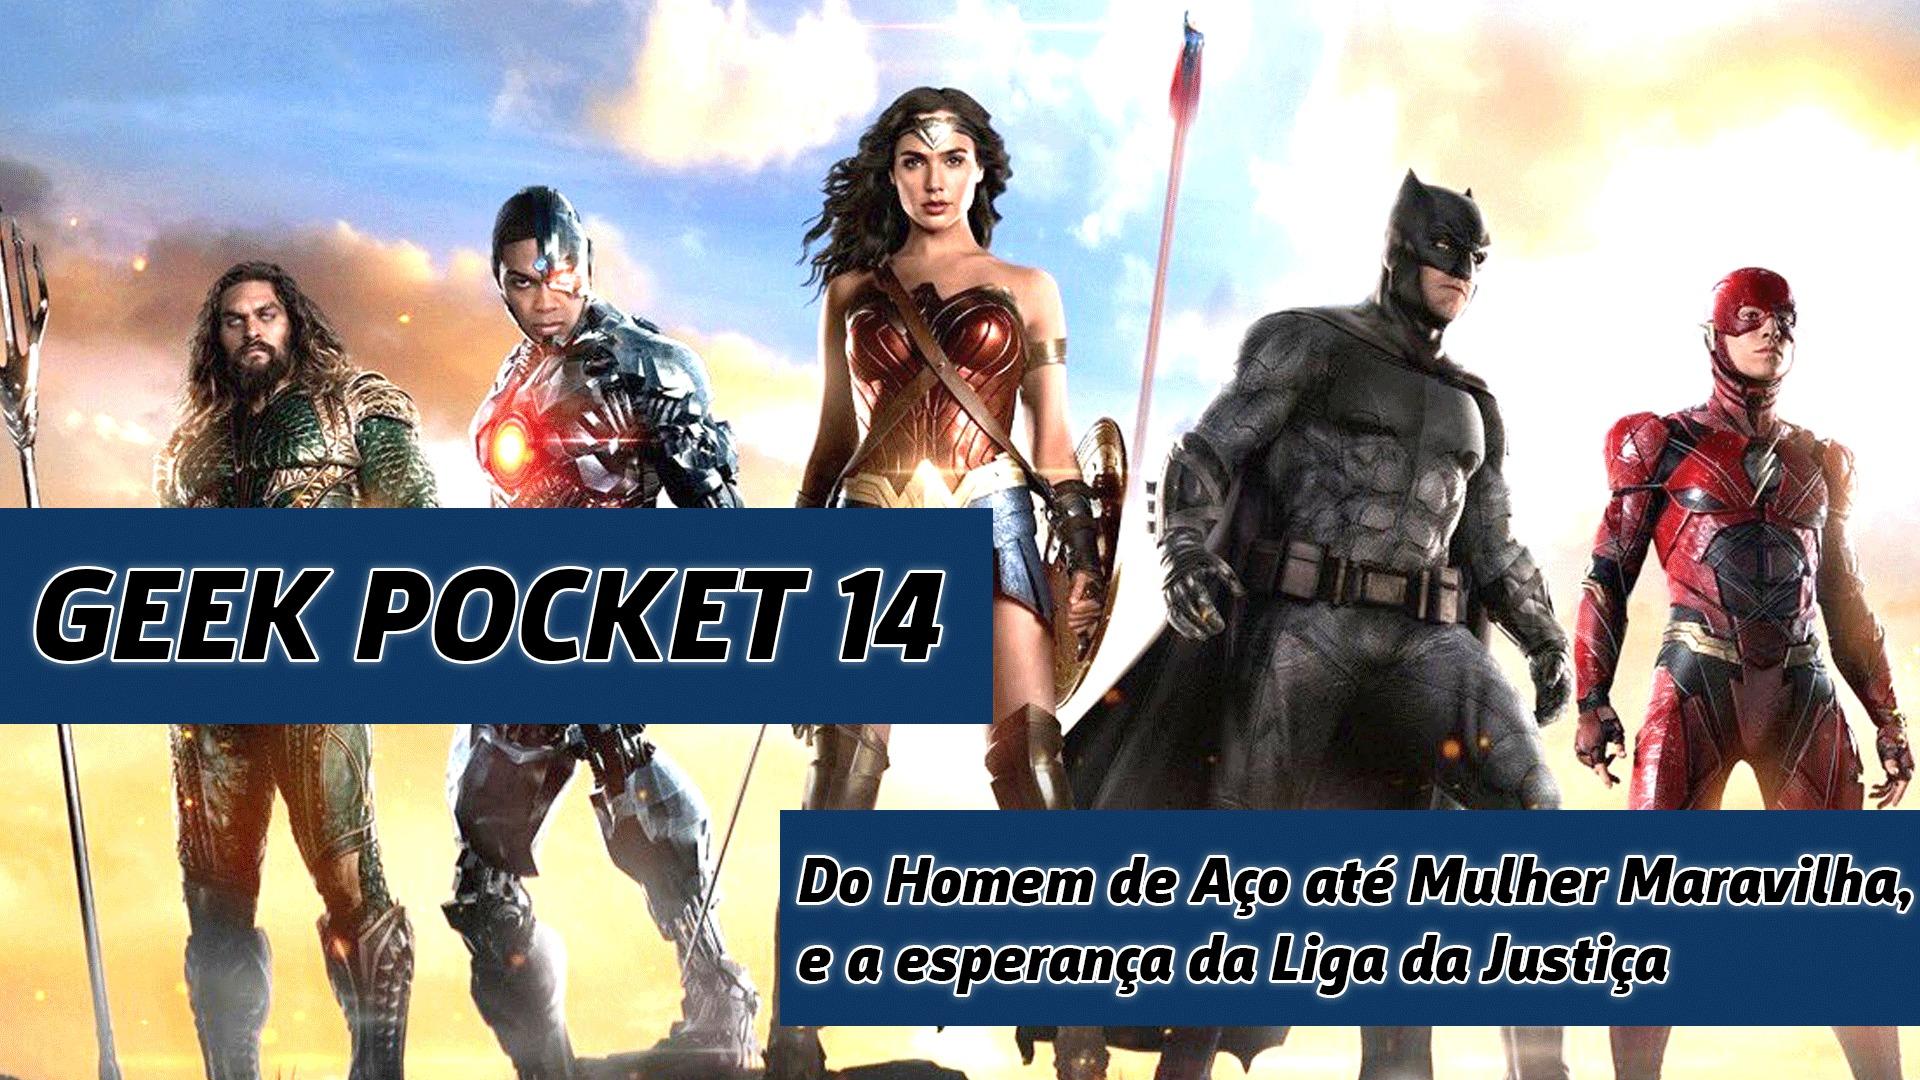 Geek Pocket 14 Do Homem De Aco Ate Mulher Maravilha E A